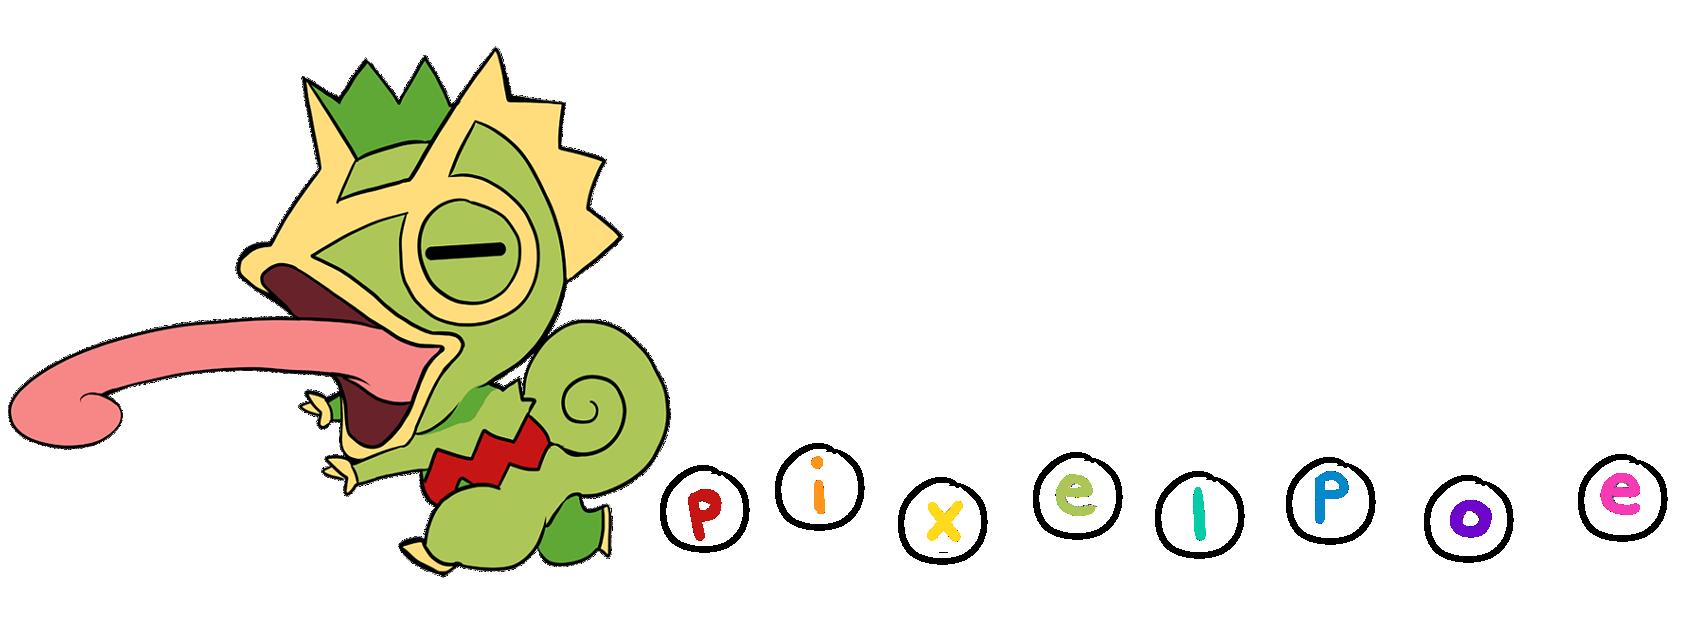 pixelpoe